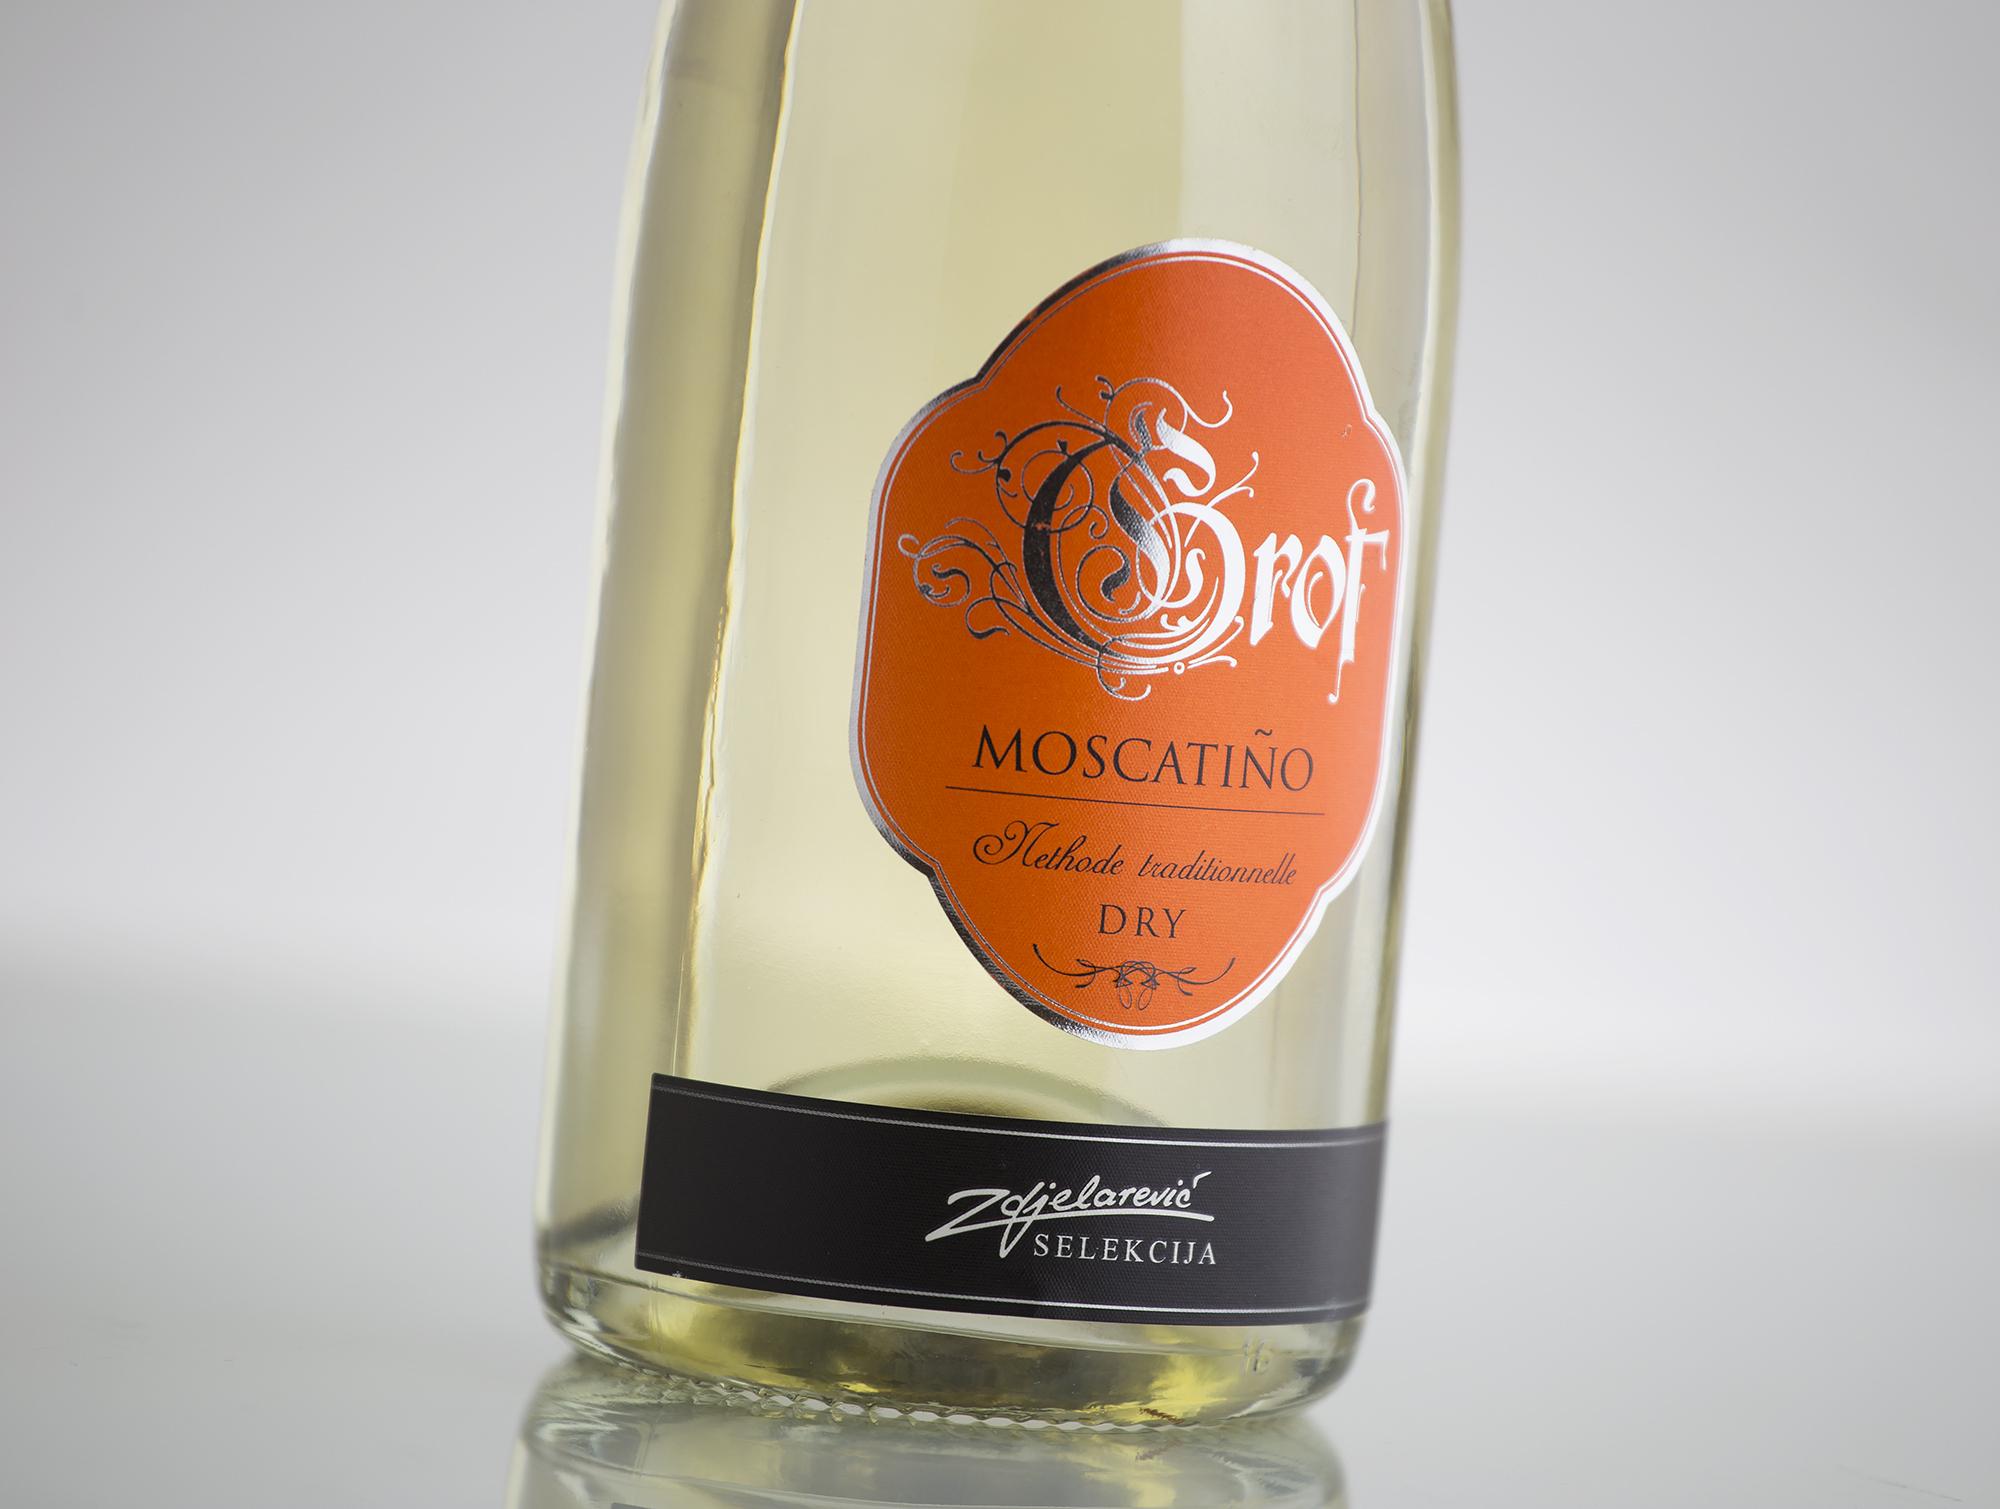 Vrhunska vina Zdjelarević